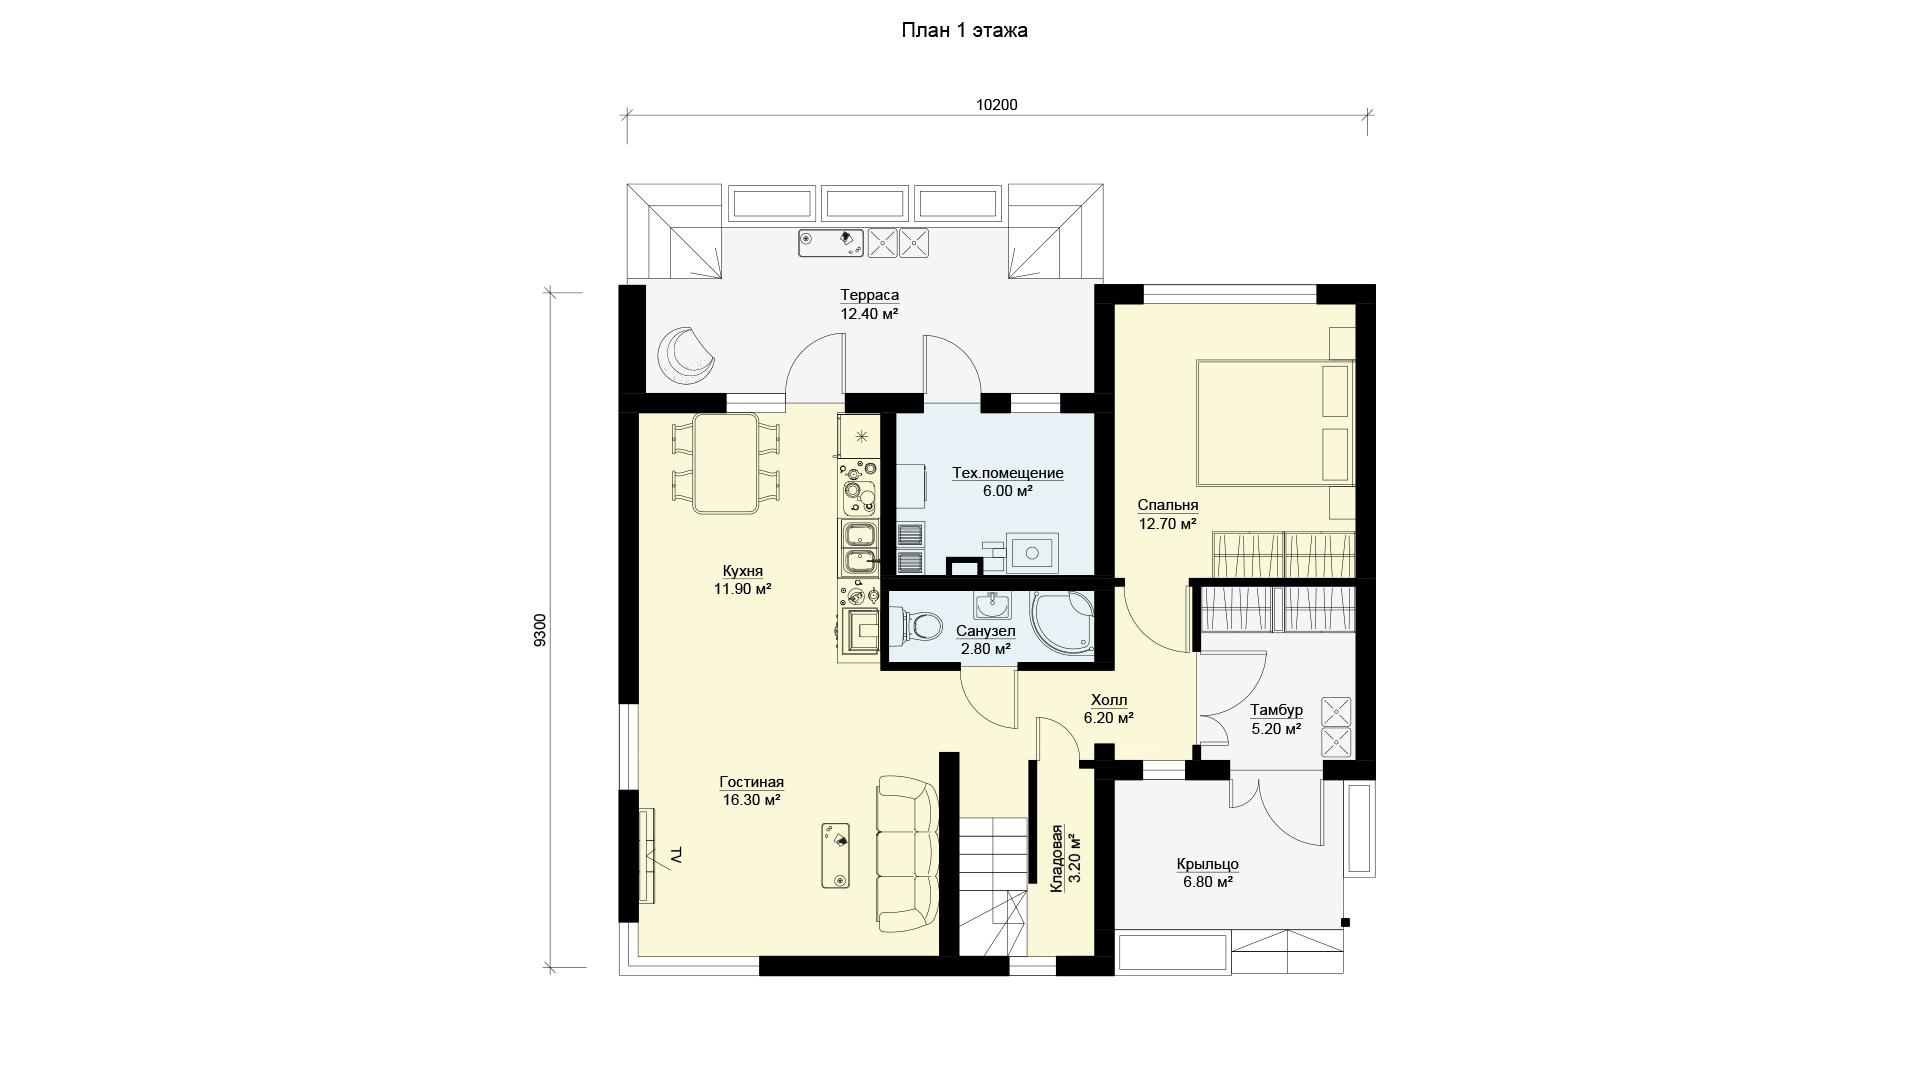 Планировка первого этажа коттеджа МС-186/1 в Истринском районе Подмосковья. Коттеджный поселок Берег Песочной.